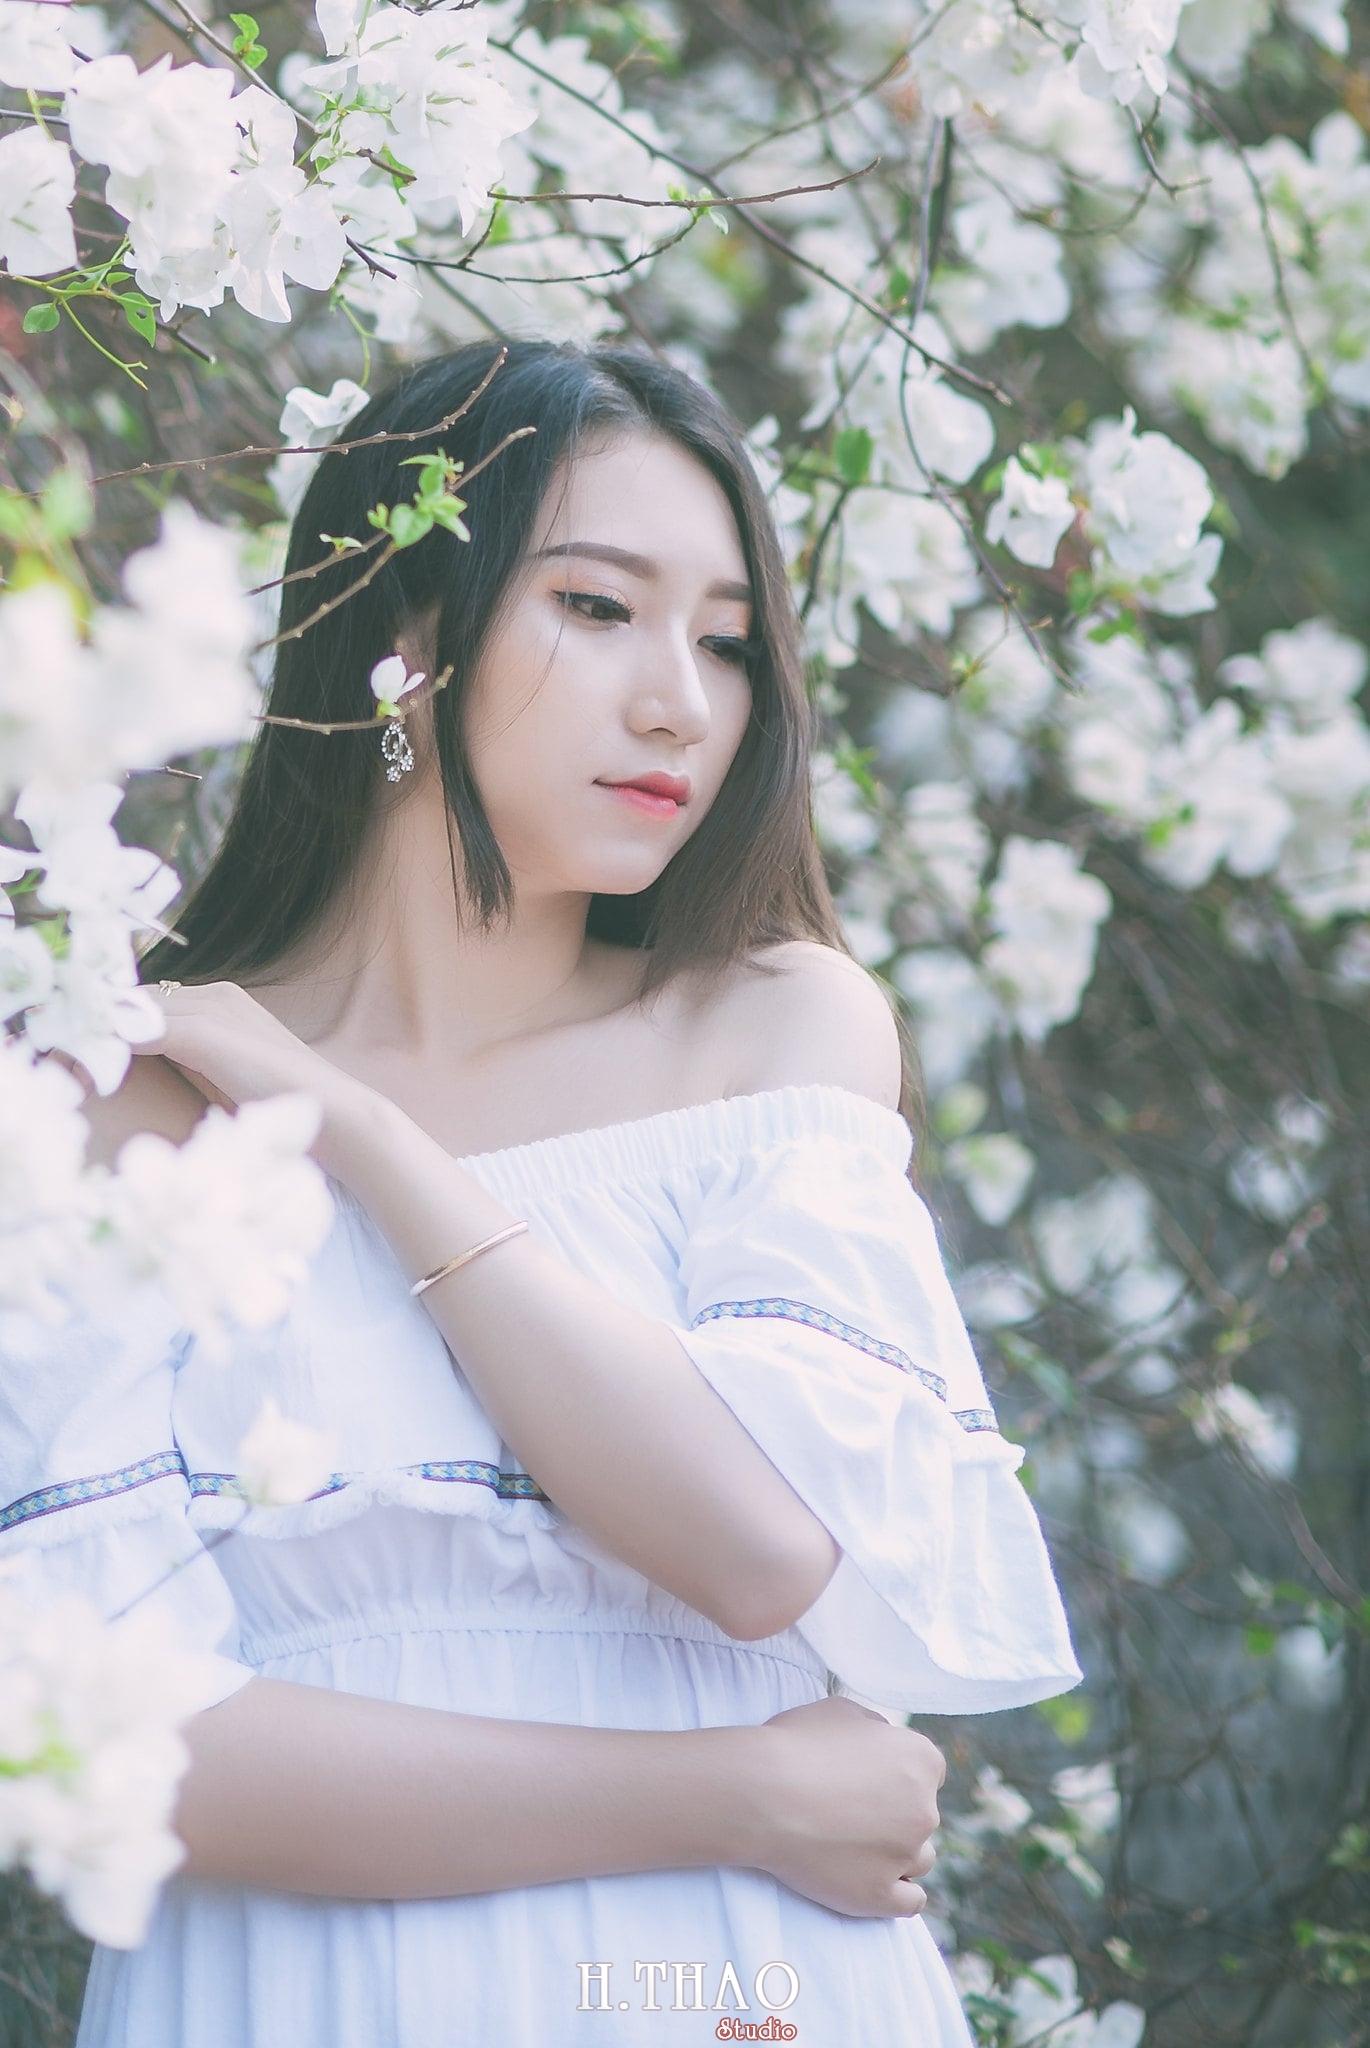 anh dao kim cuong 14 min - Tổng hợp những góc ảnh đẹp chụp ở đảo kim cương quận 2 - HThao Studio